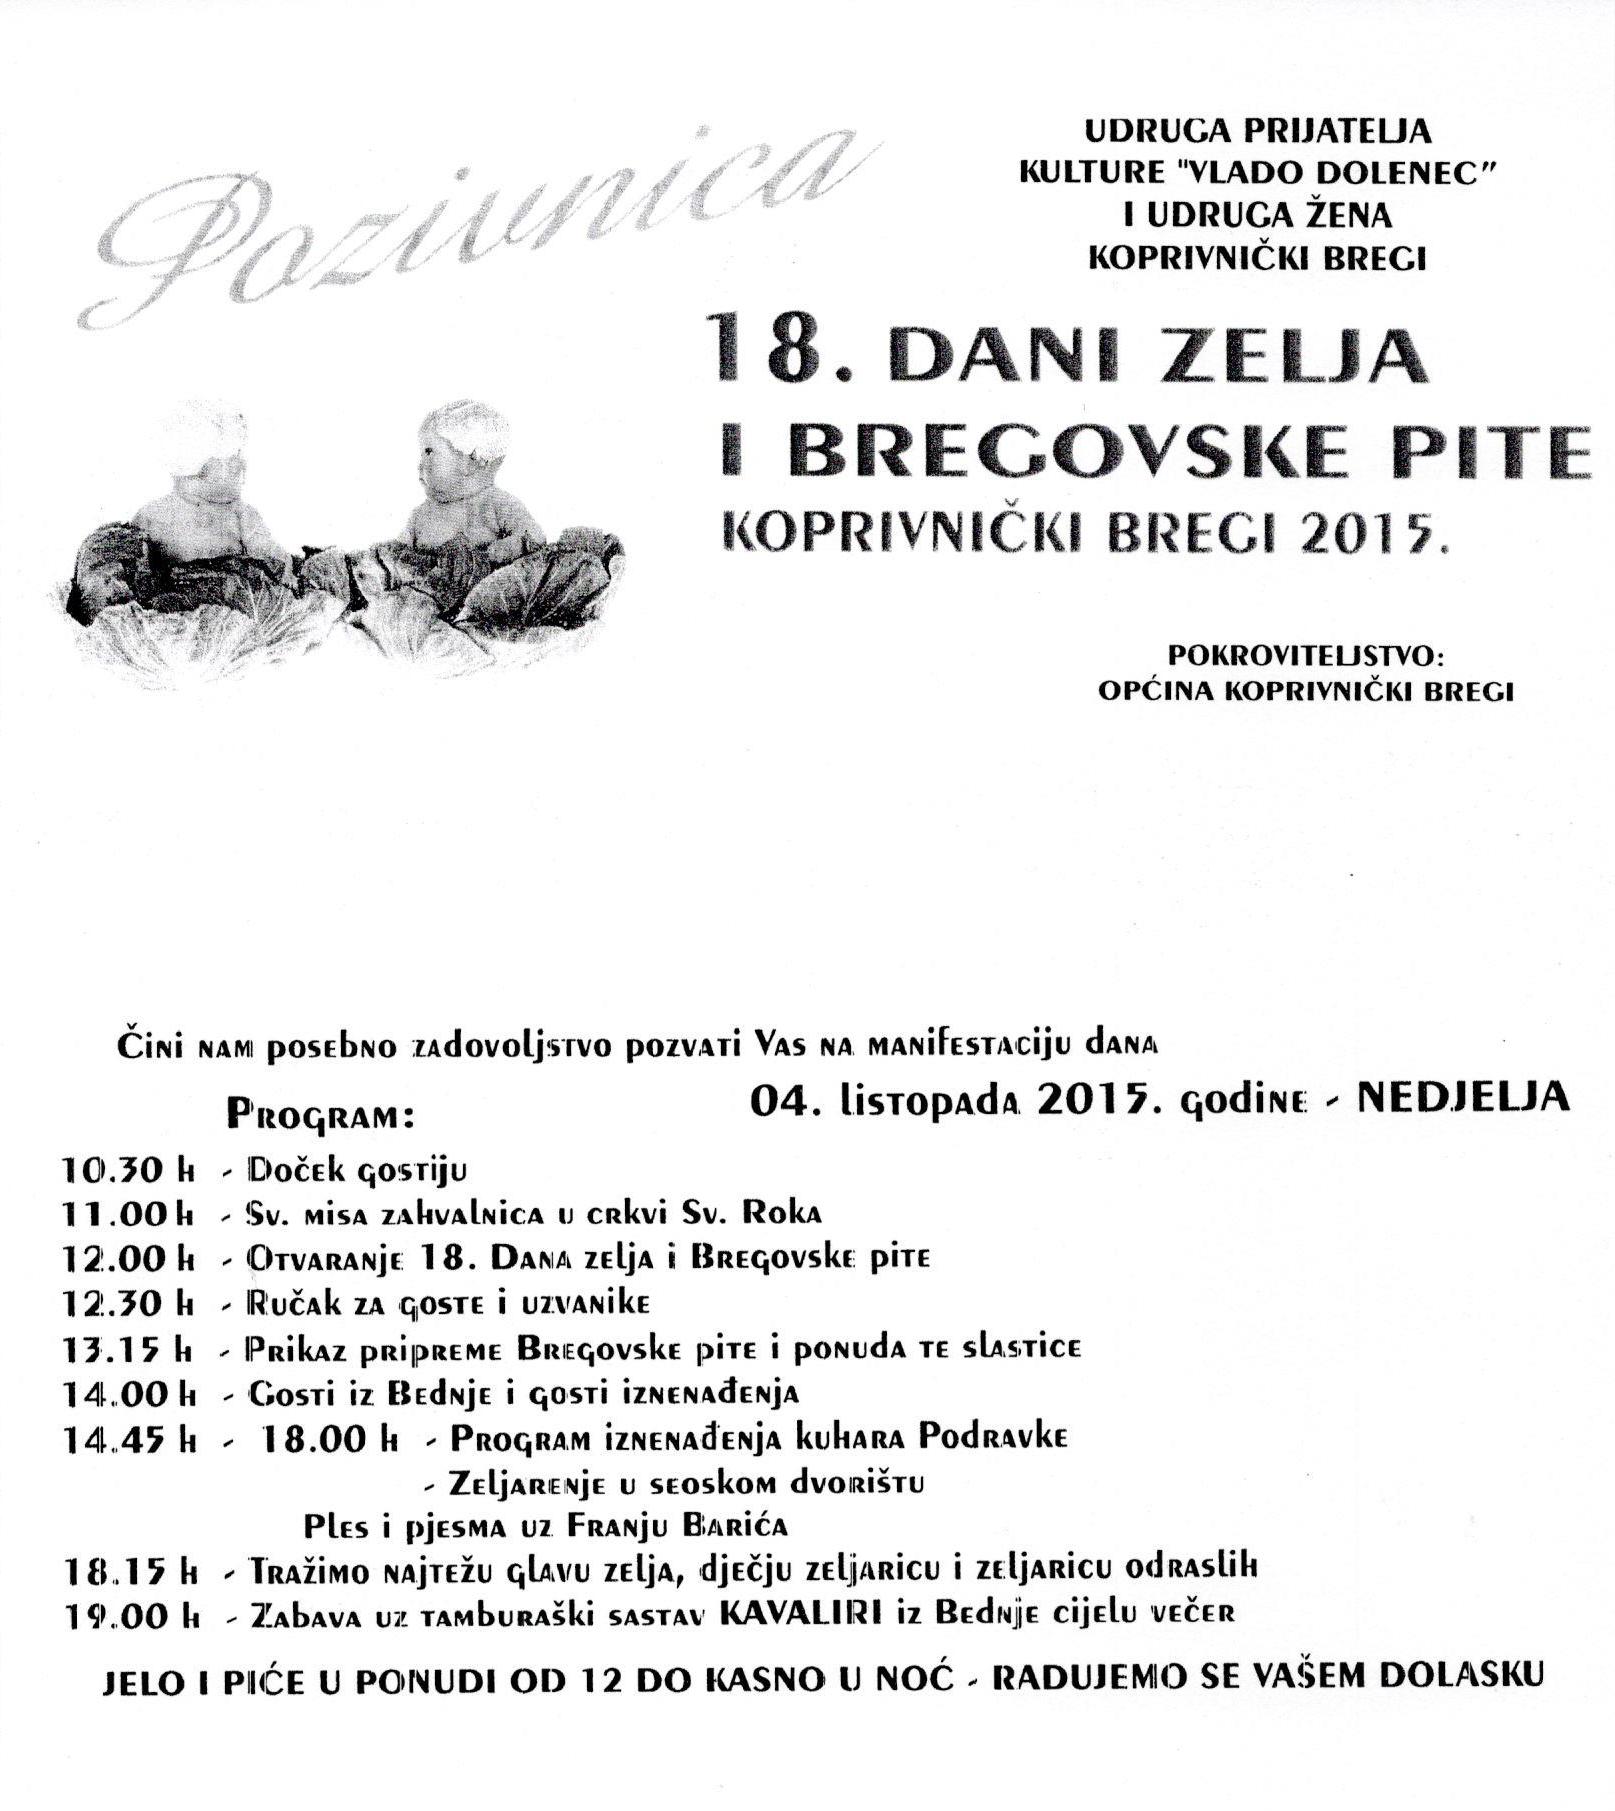 18.danizeljaibregovske pite